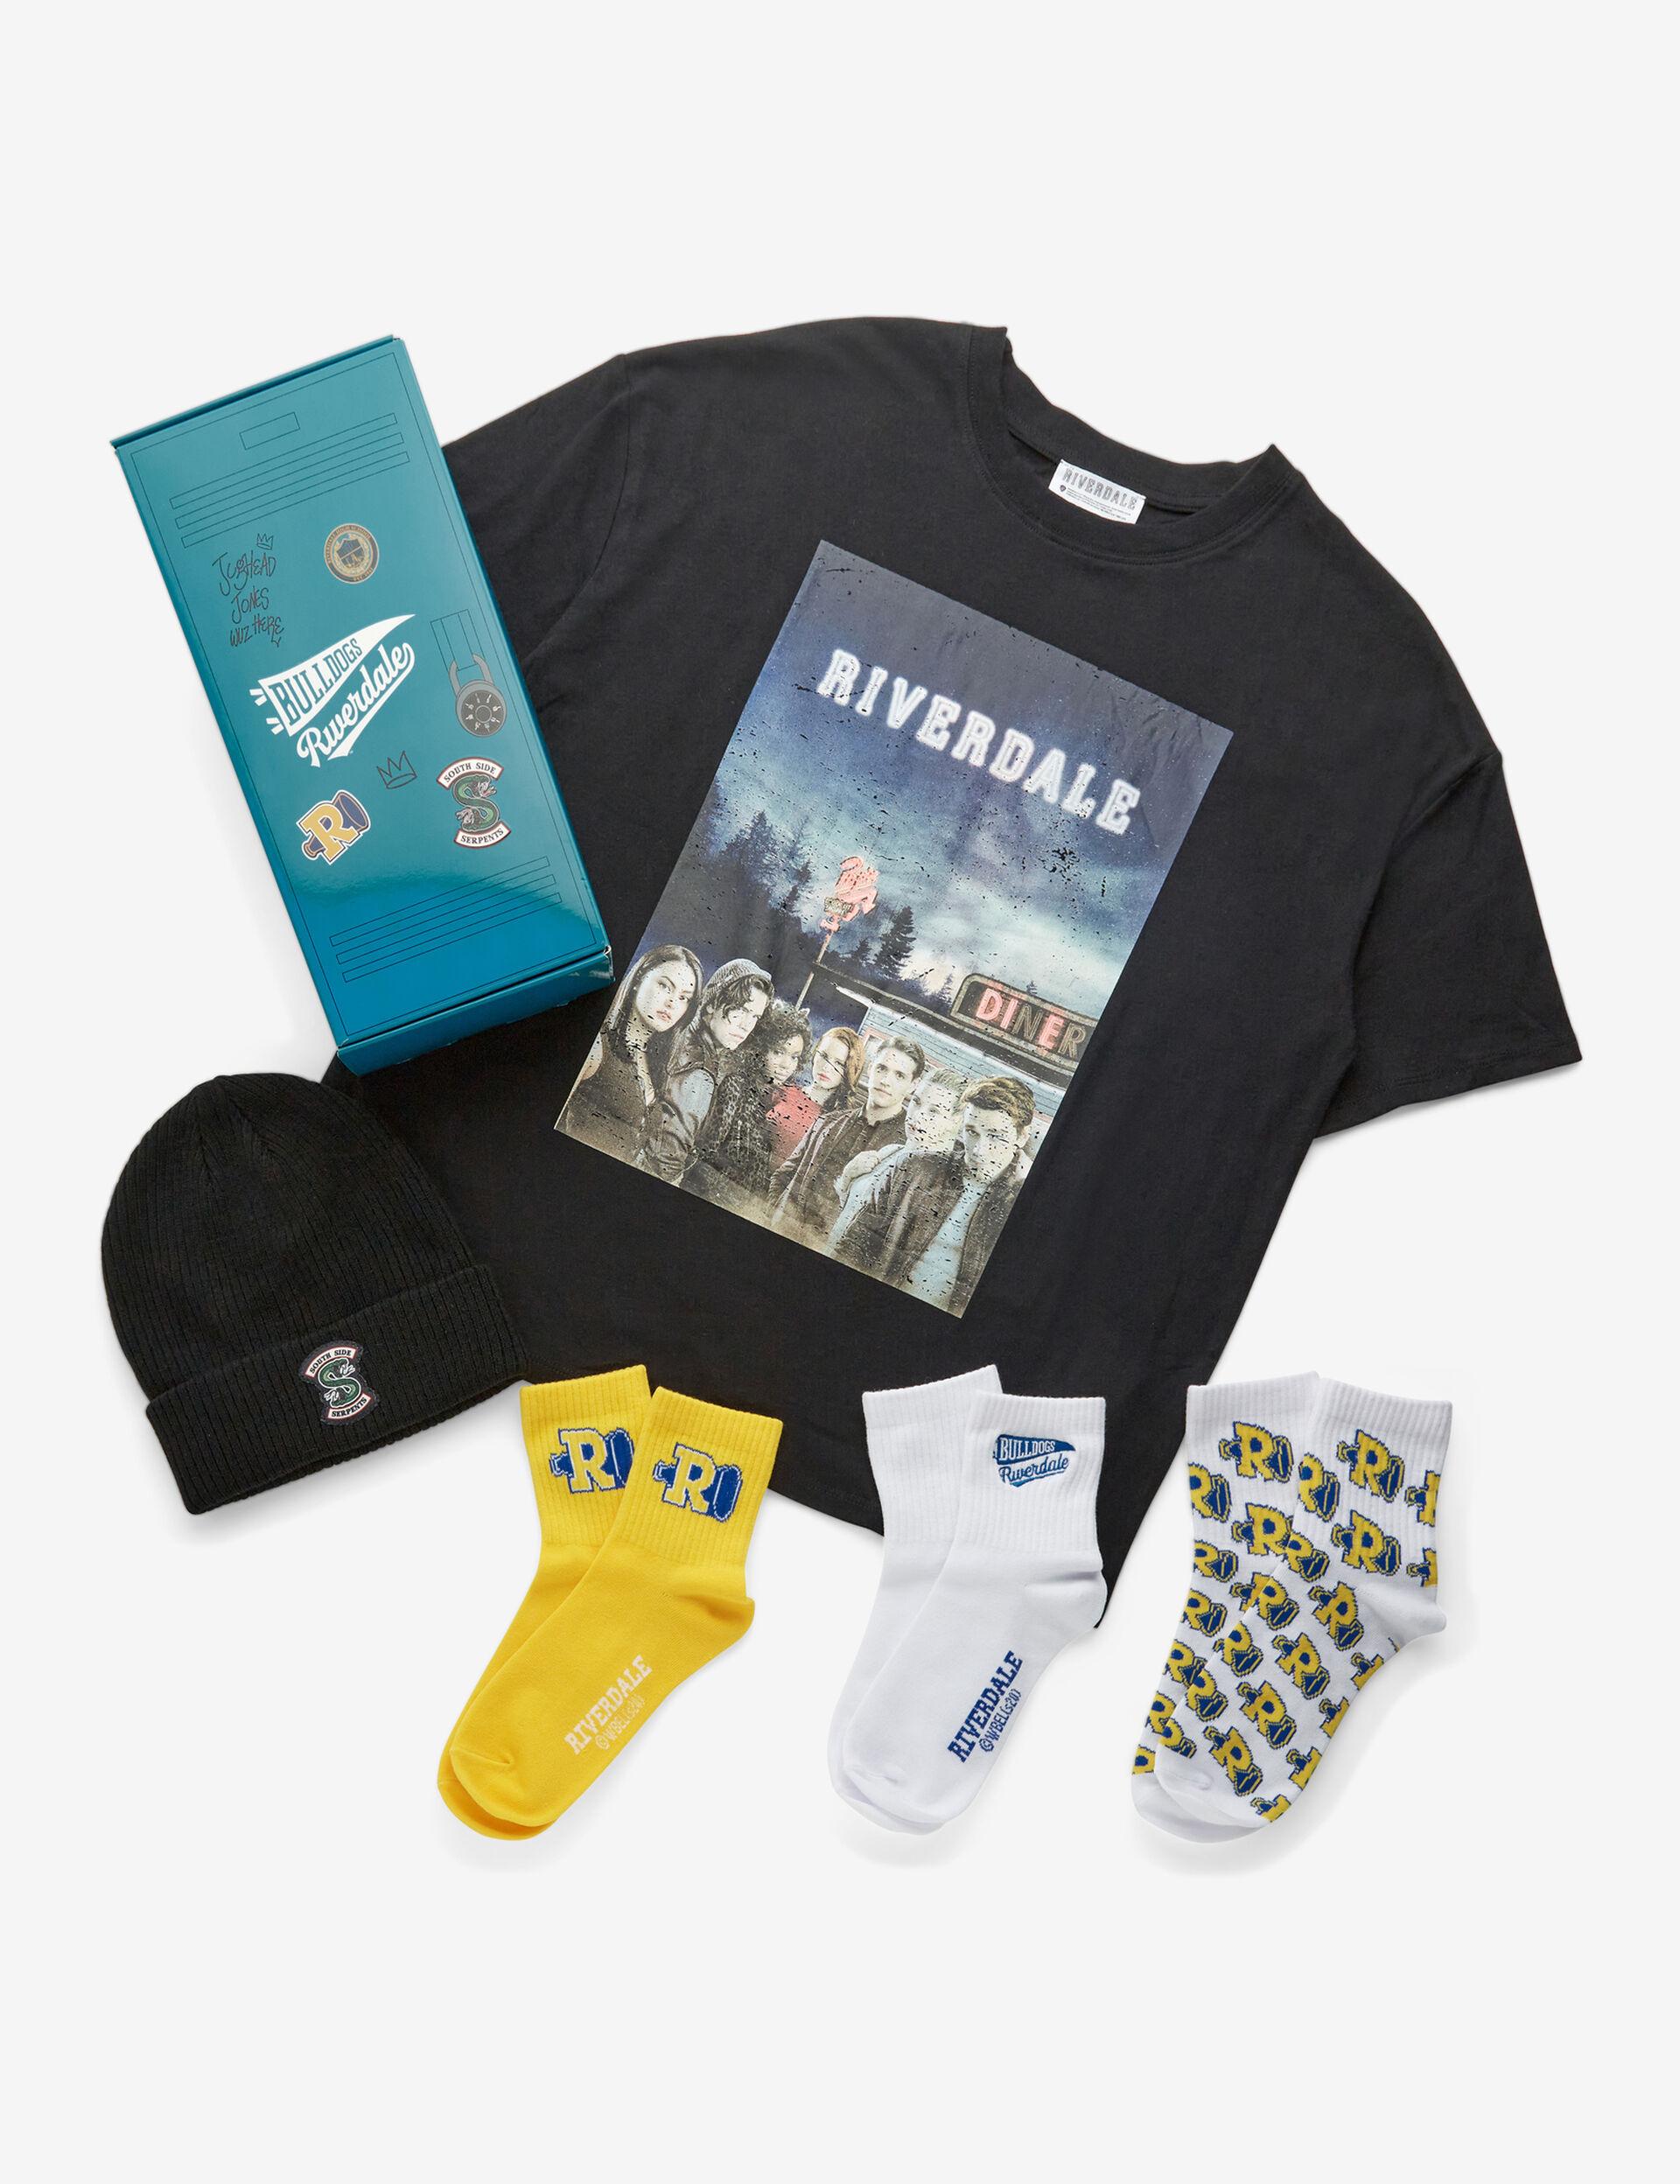 Riverdale gift box